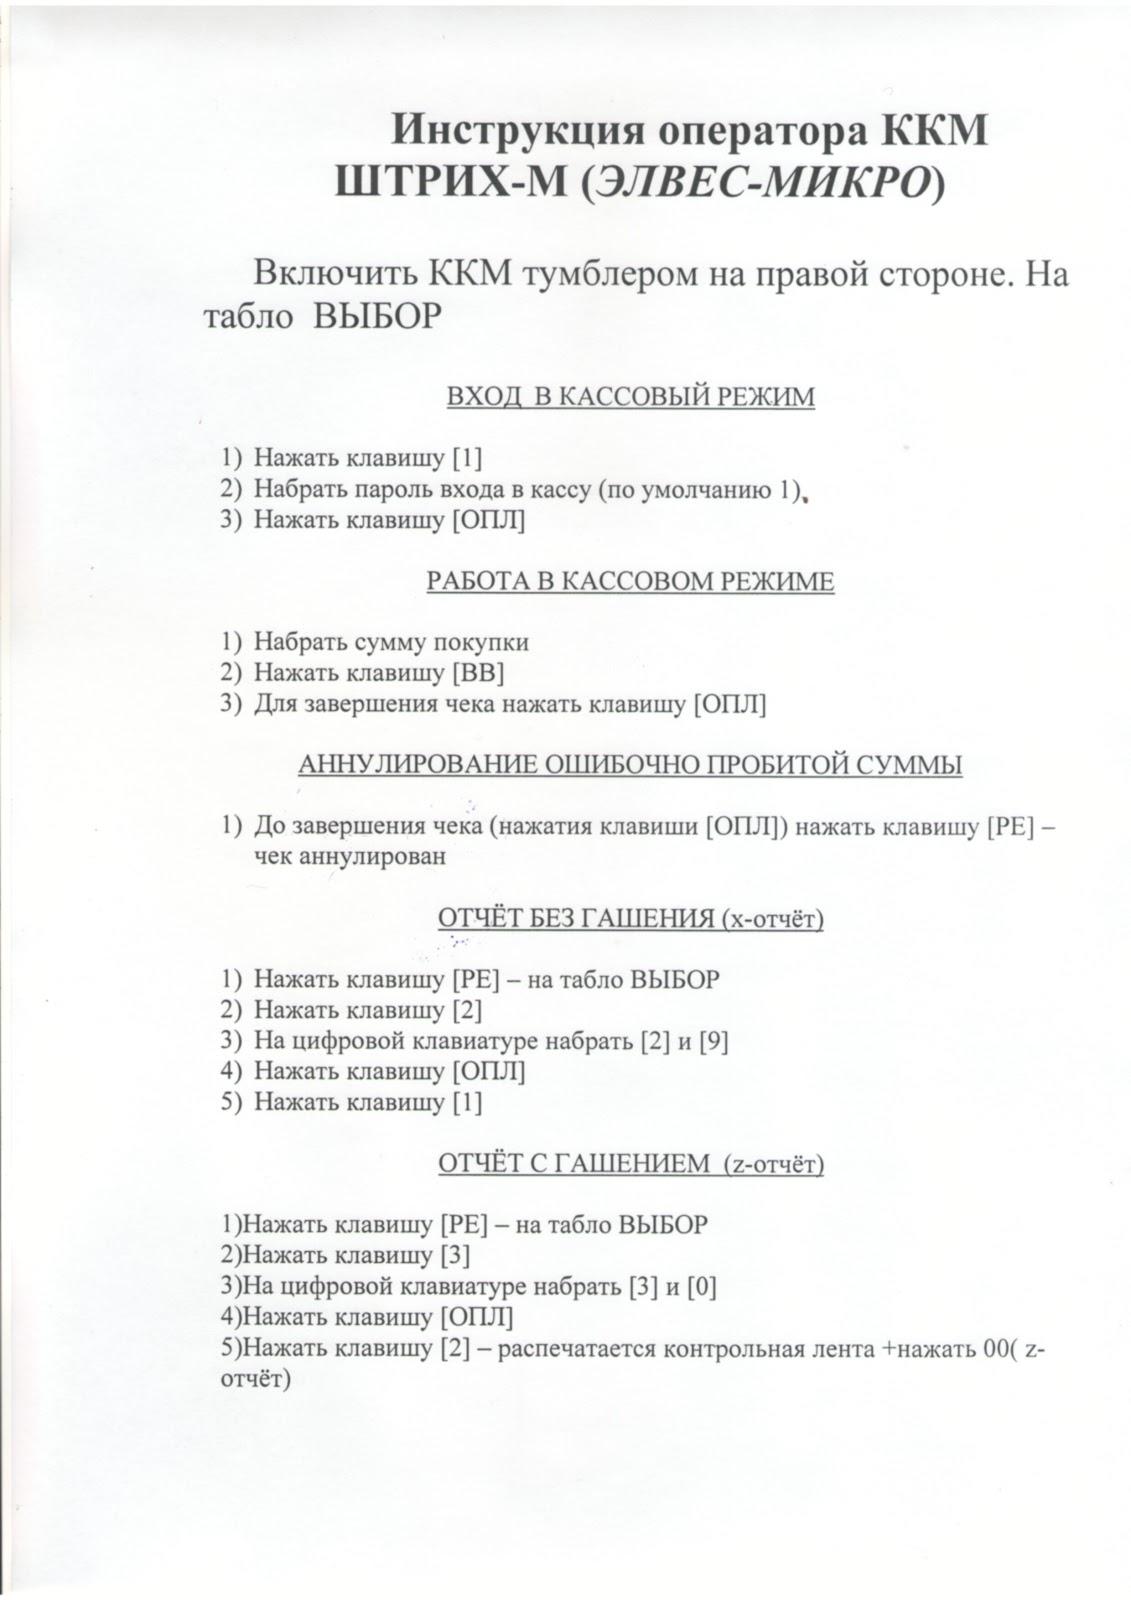 Фискализация ккм штрих м